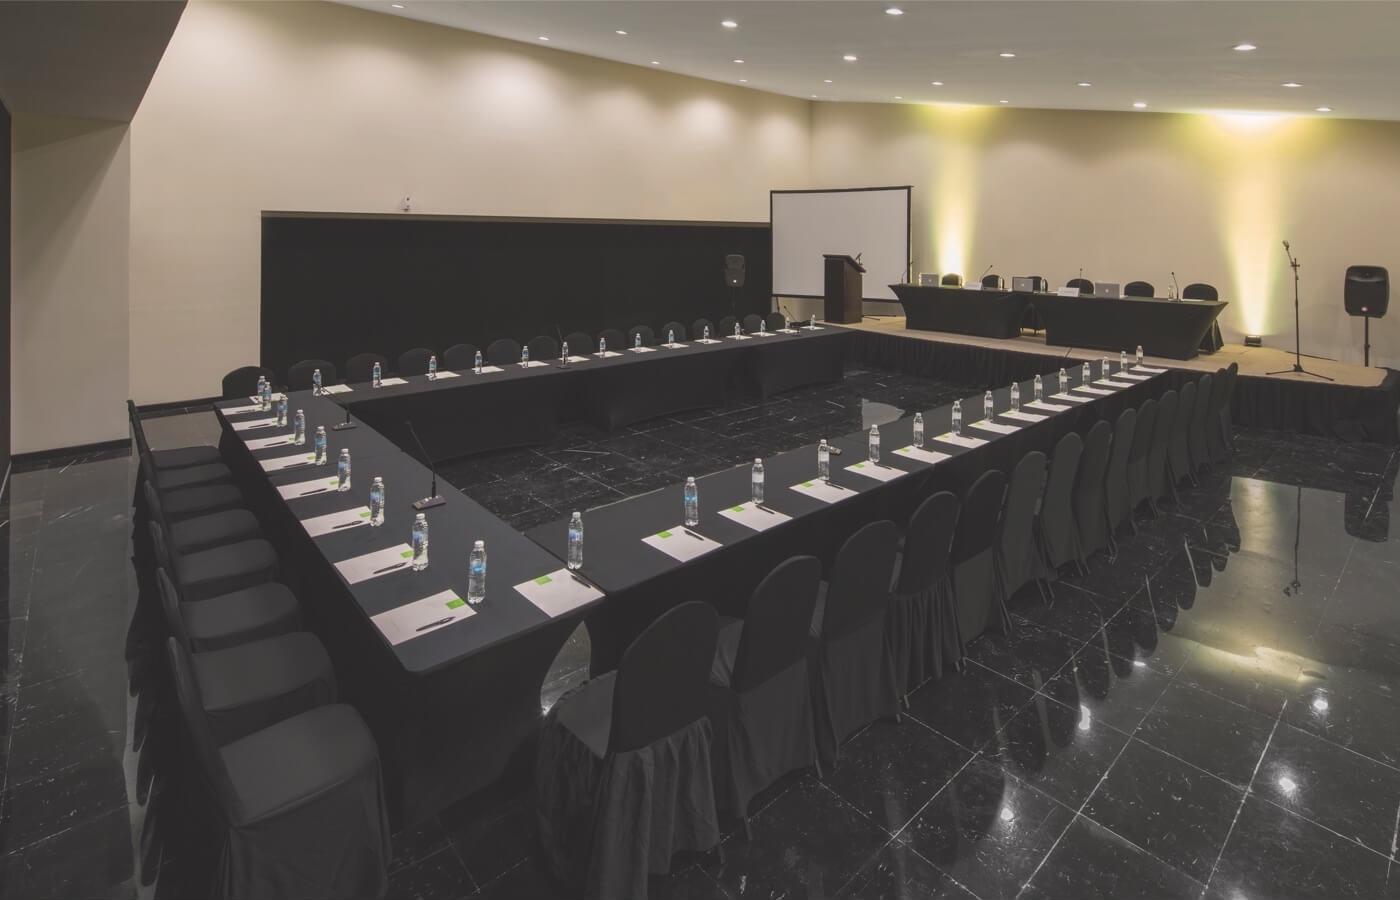 Sala para reuniones con sillas, mesas y escenario en Smart Cancun by Oasis